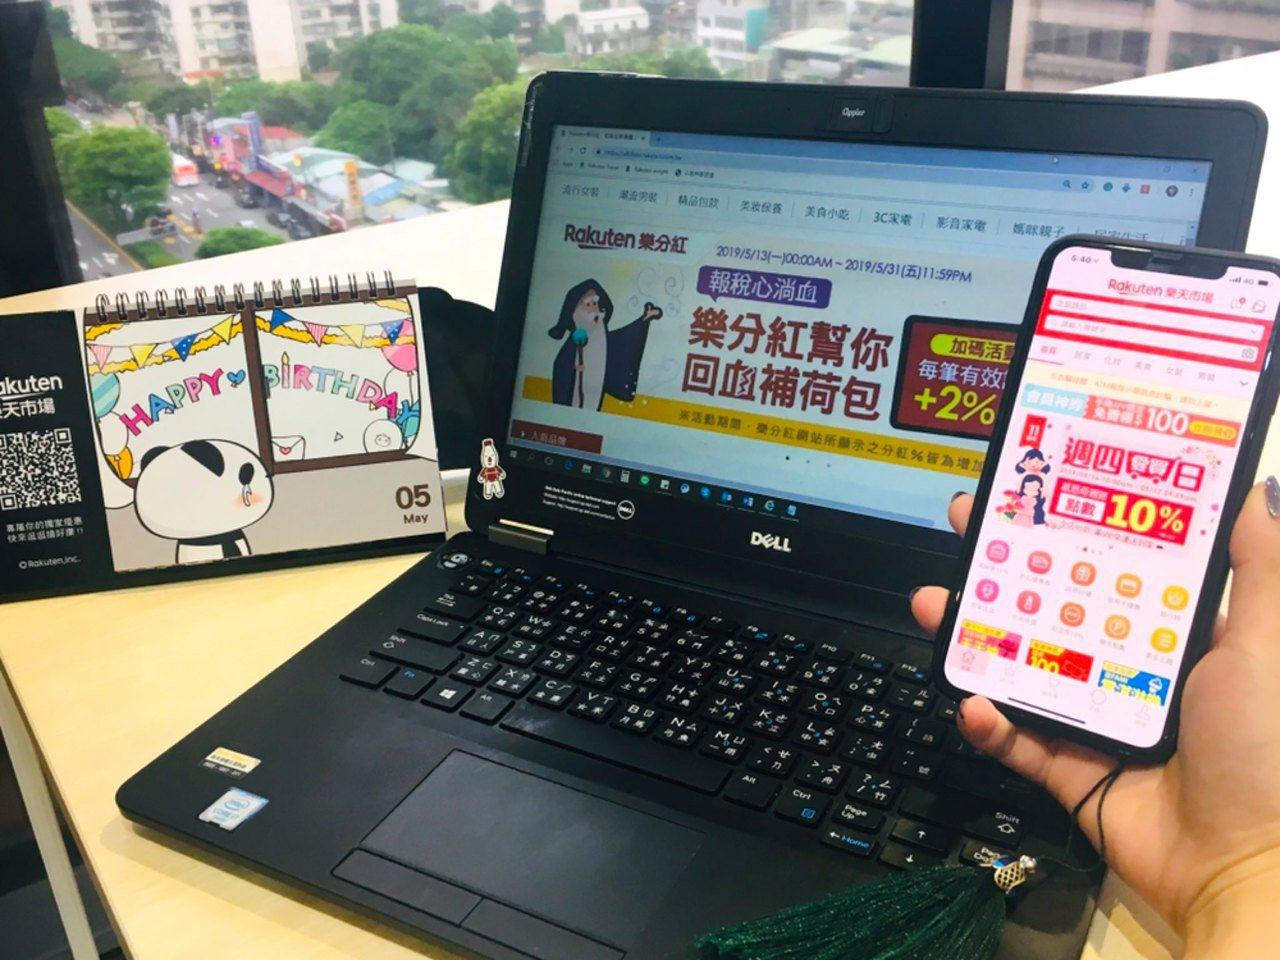 「Rakuten樂分紅」推薦連結成立訂單,可獲得免費分紅回饋。圖/樂天提供